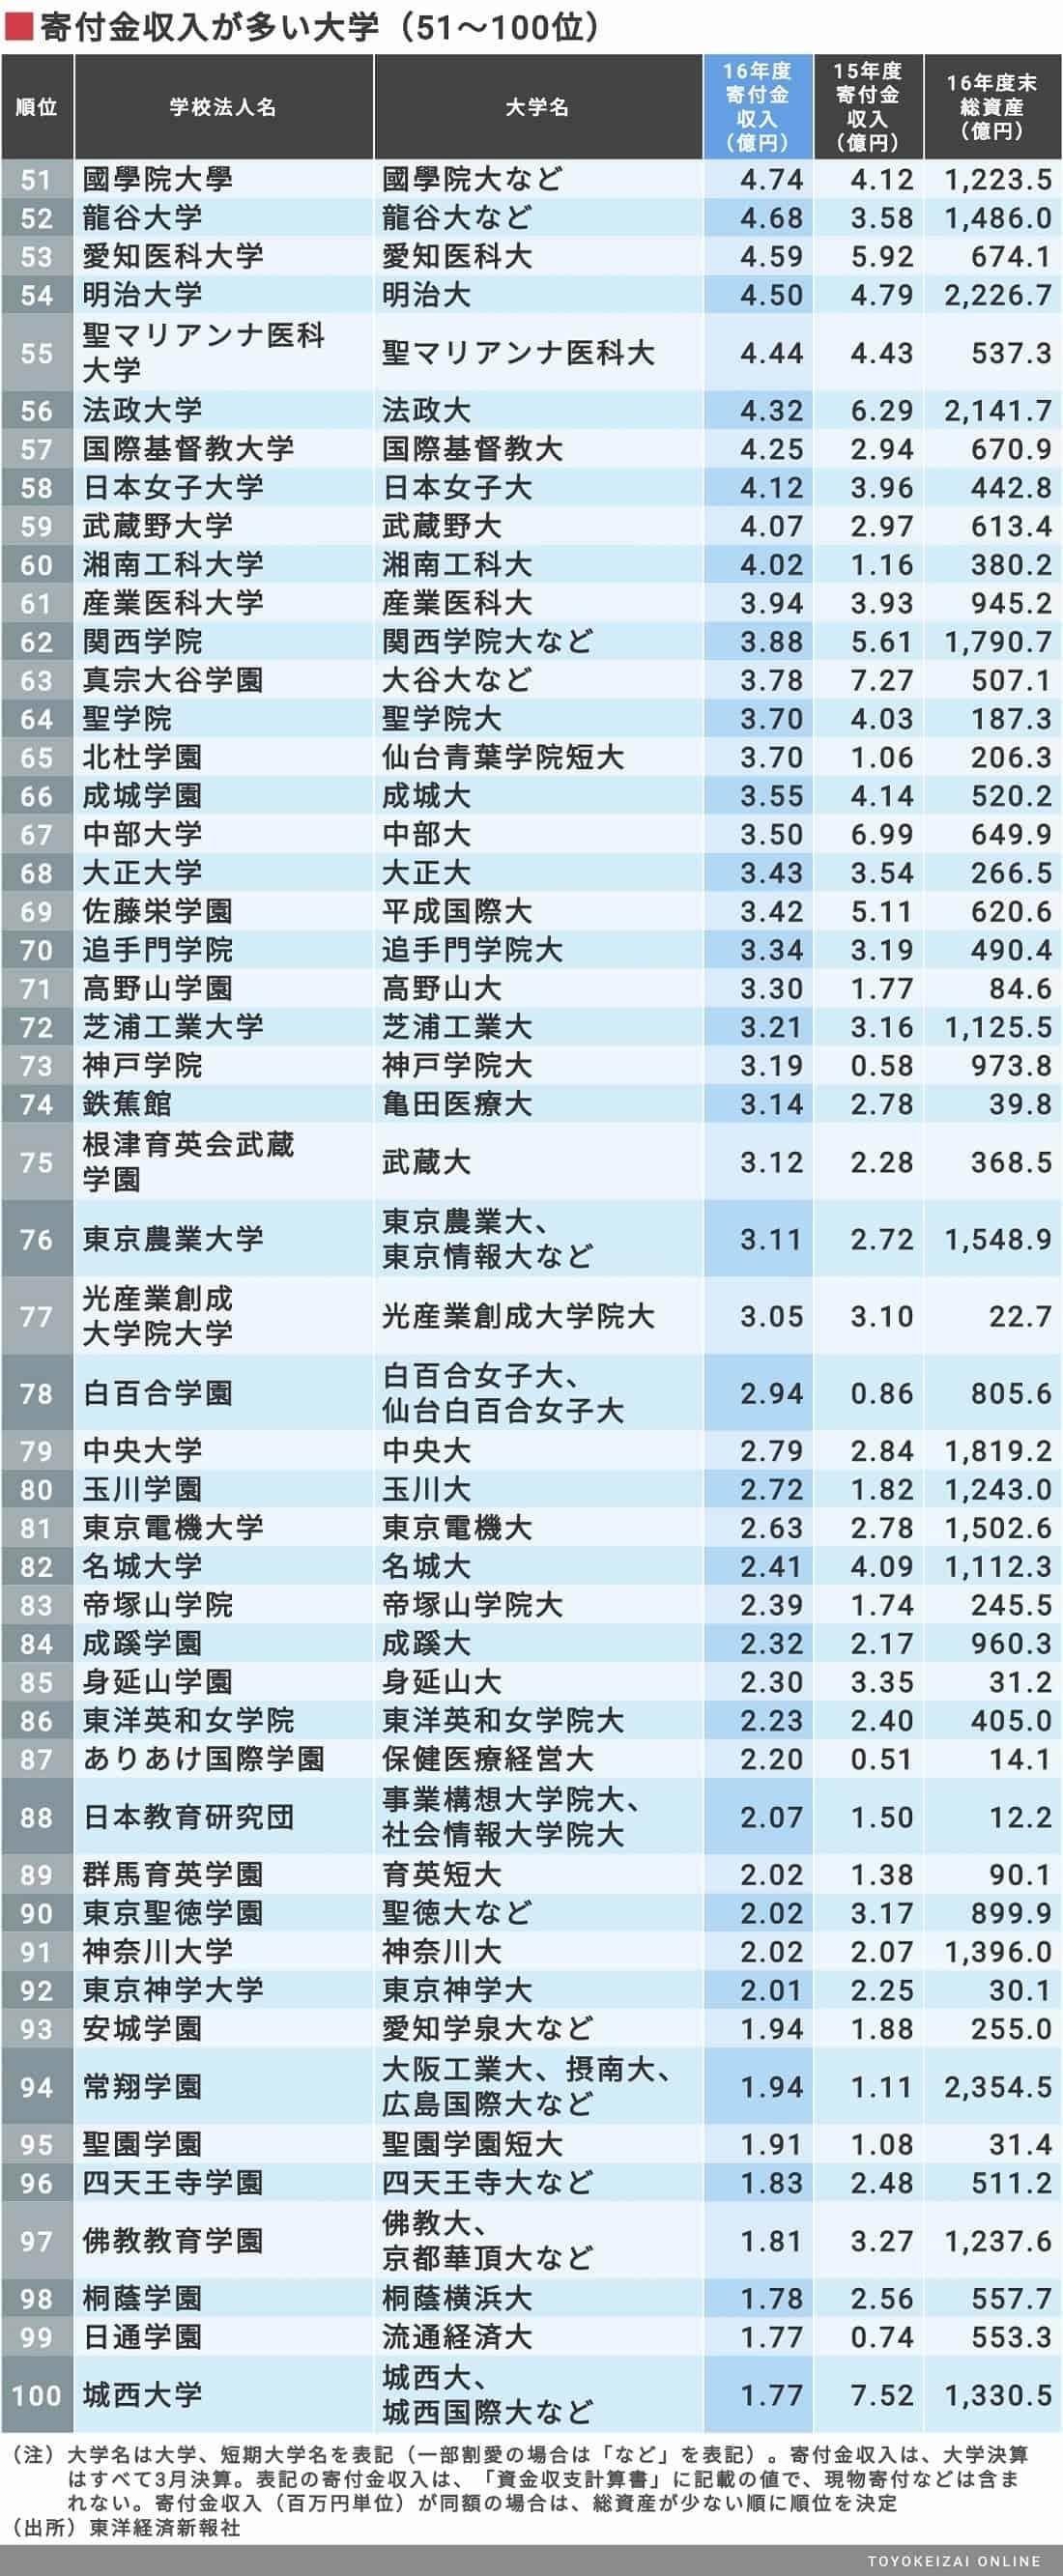 私立大学 年収ランキング